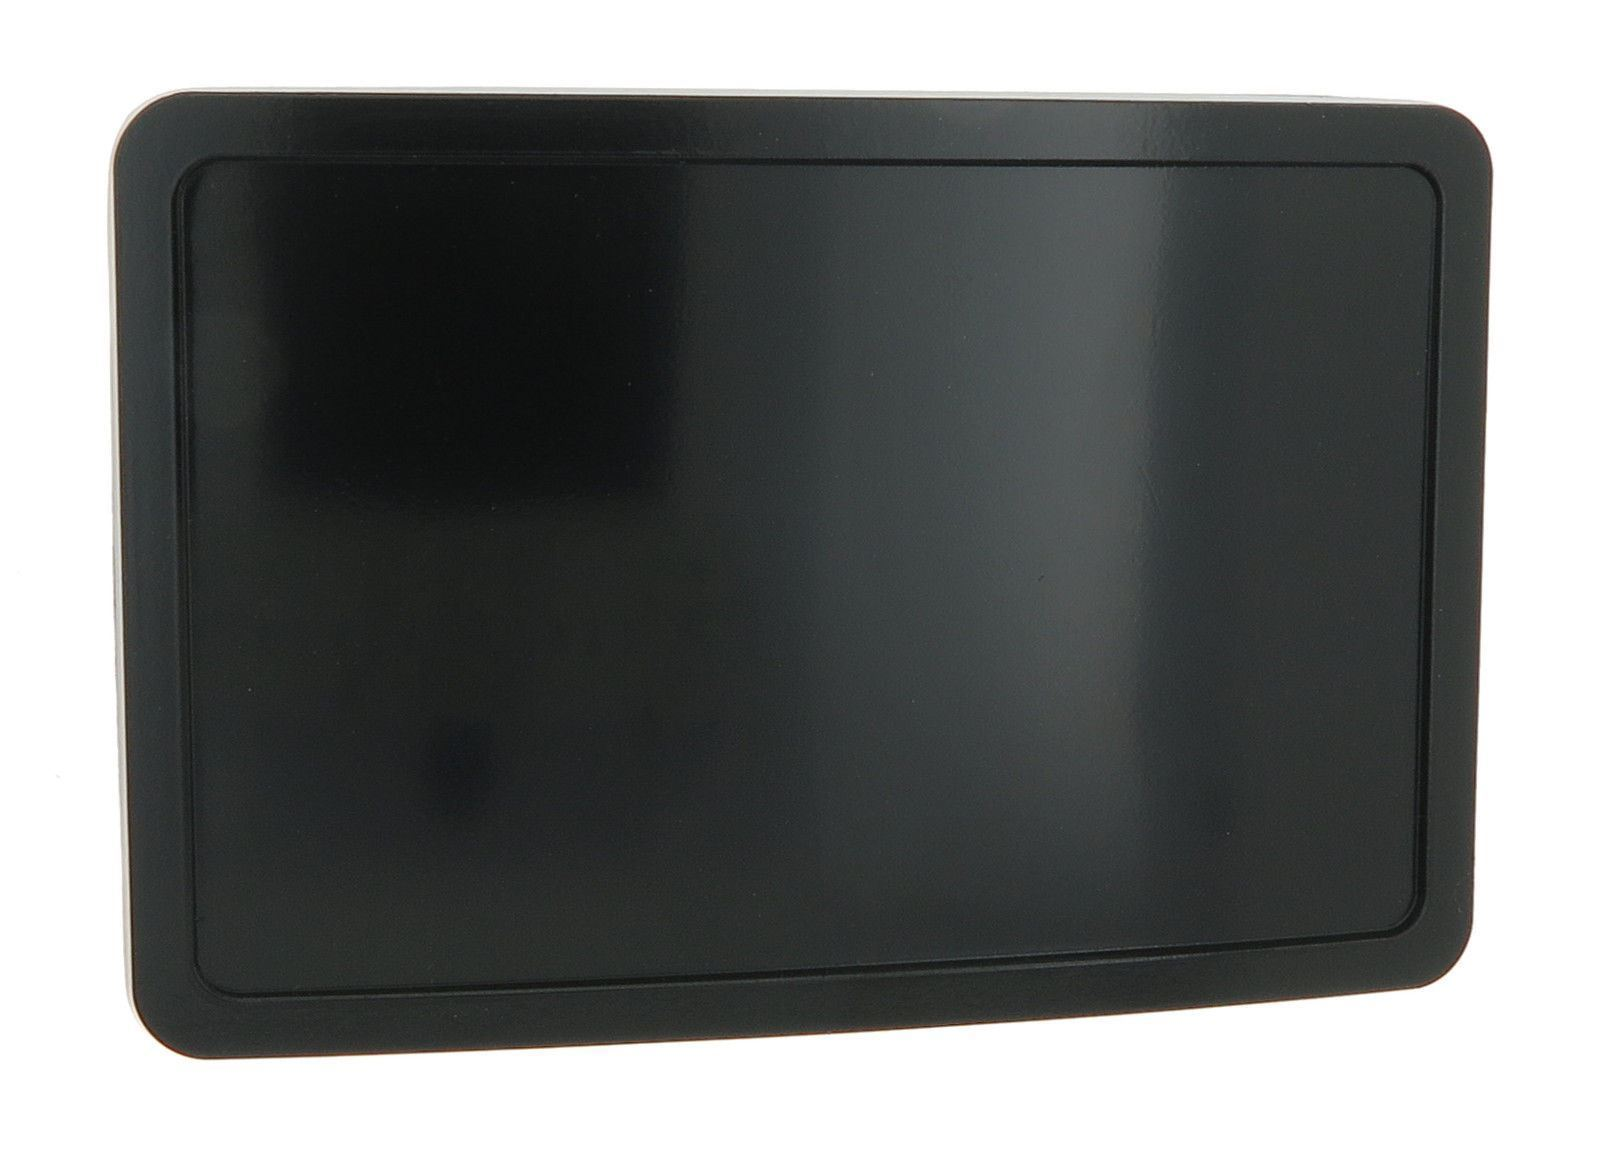 Boucle de ceinture vierge personnalisable rectangle noire - Boucle ... 1888c07afba